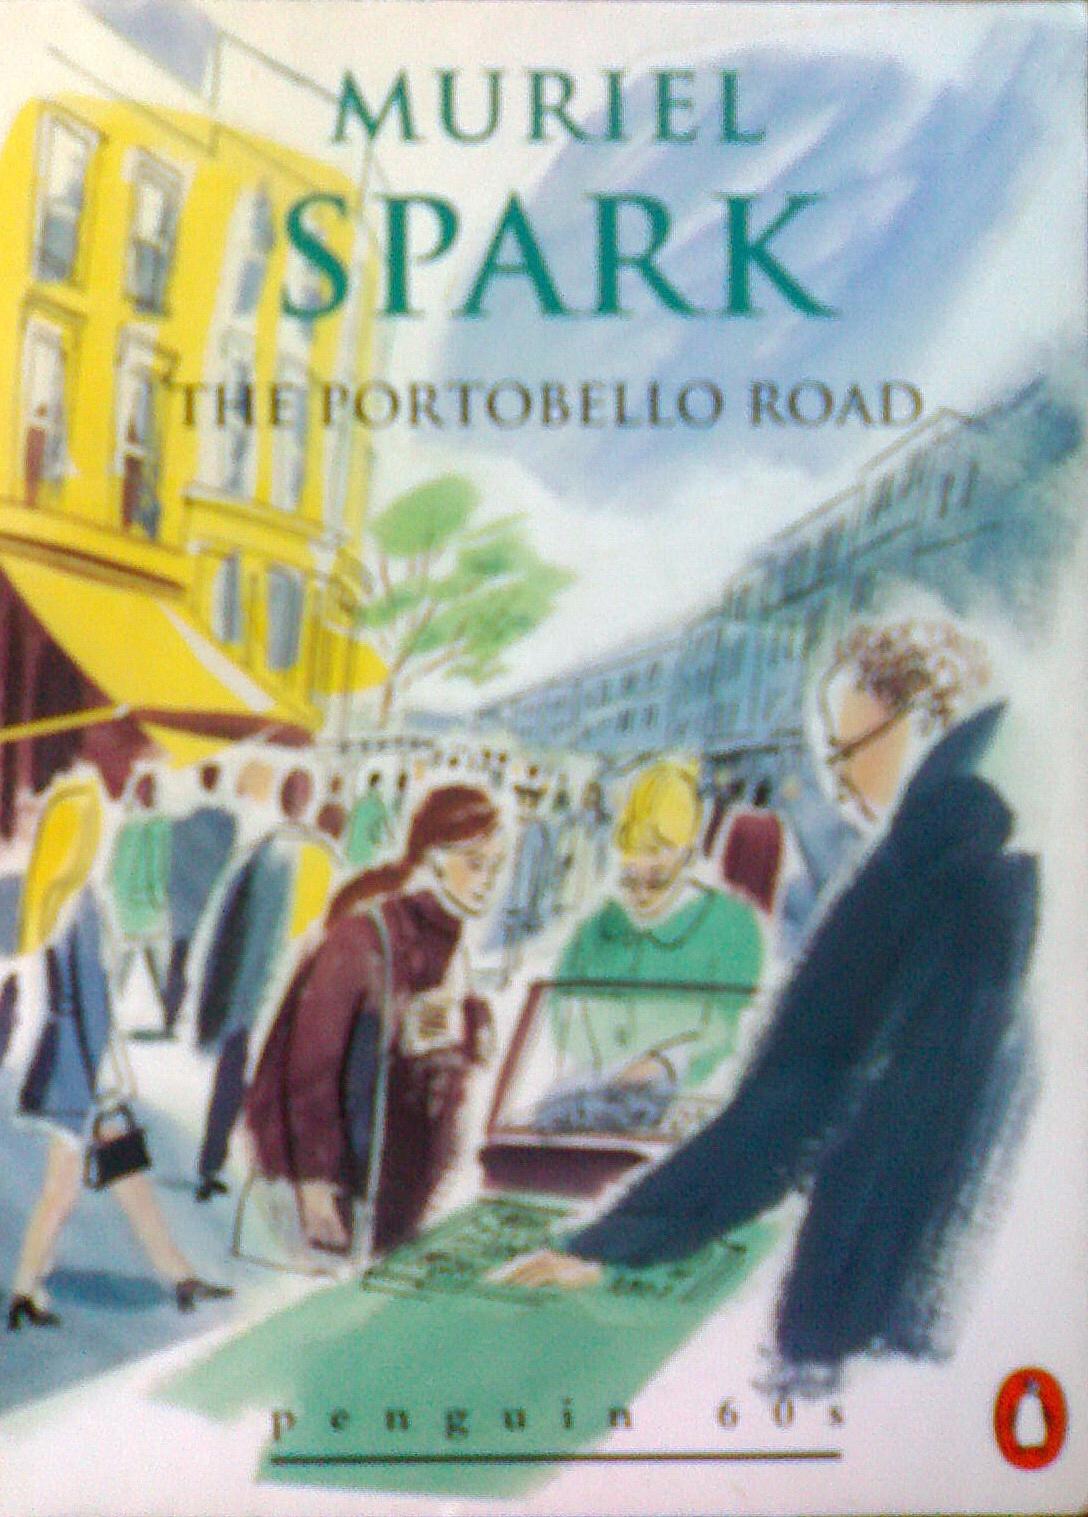 The Portobello Road